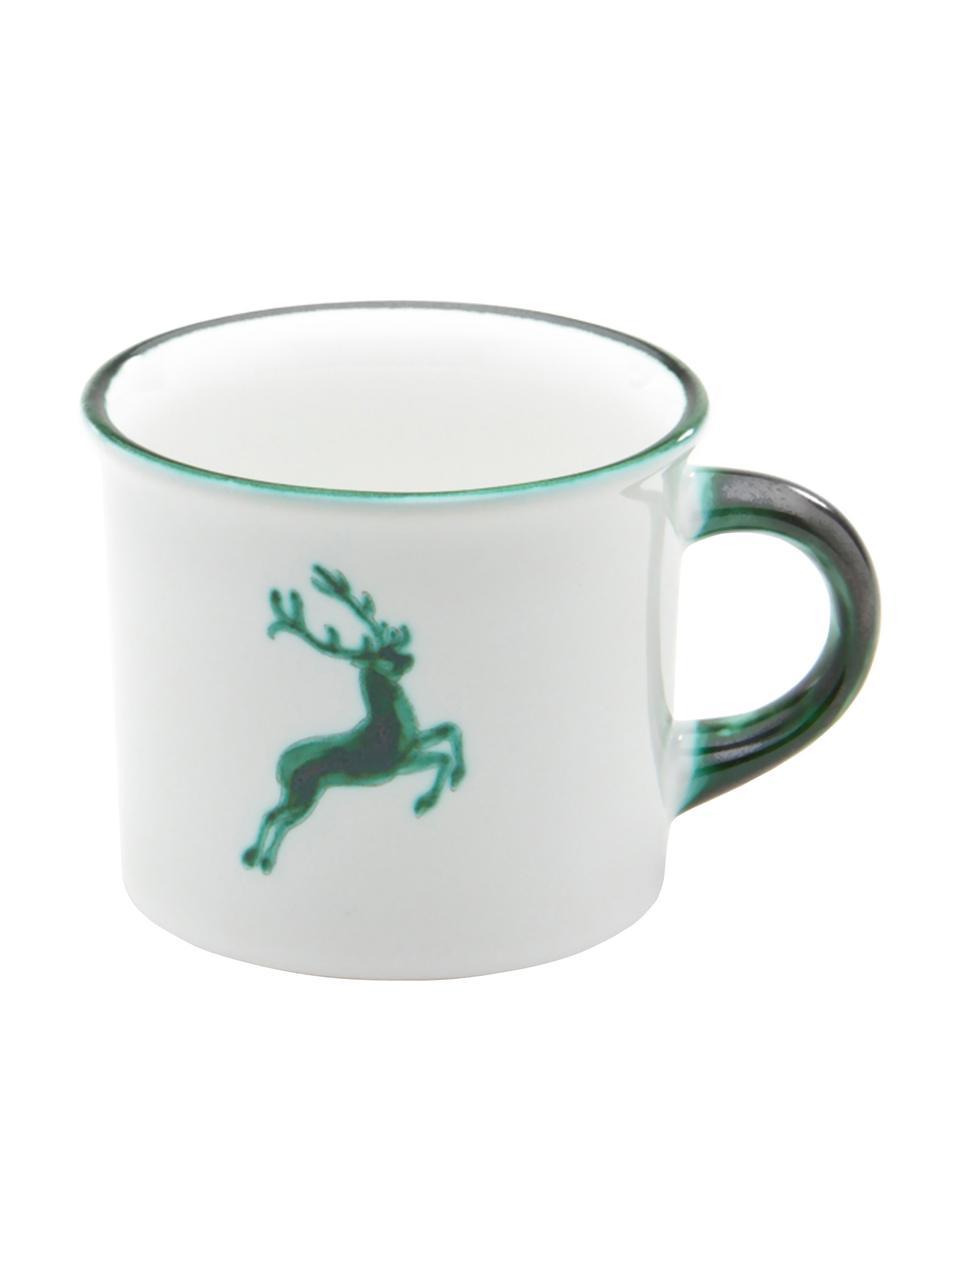 Handbemaltes Kaffeehaferl Grüner Hirsch, Keramik, Grün,Weiß, 240 ml